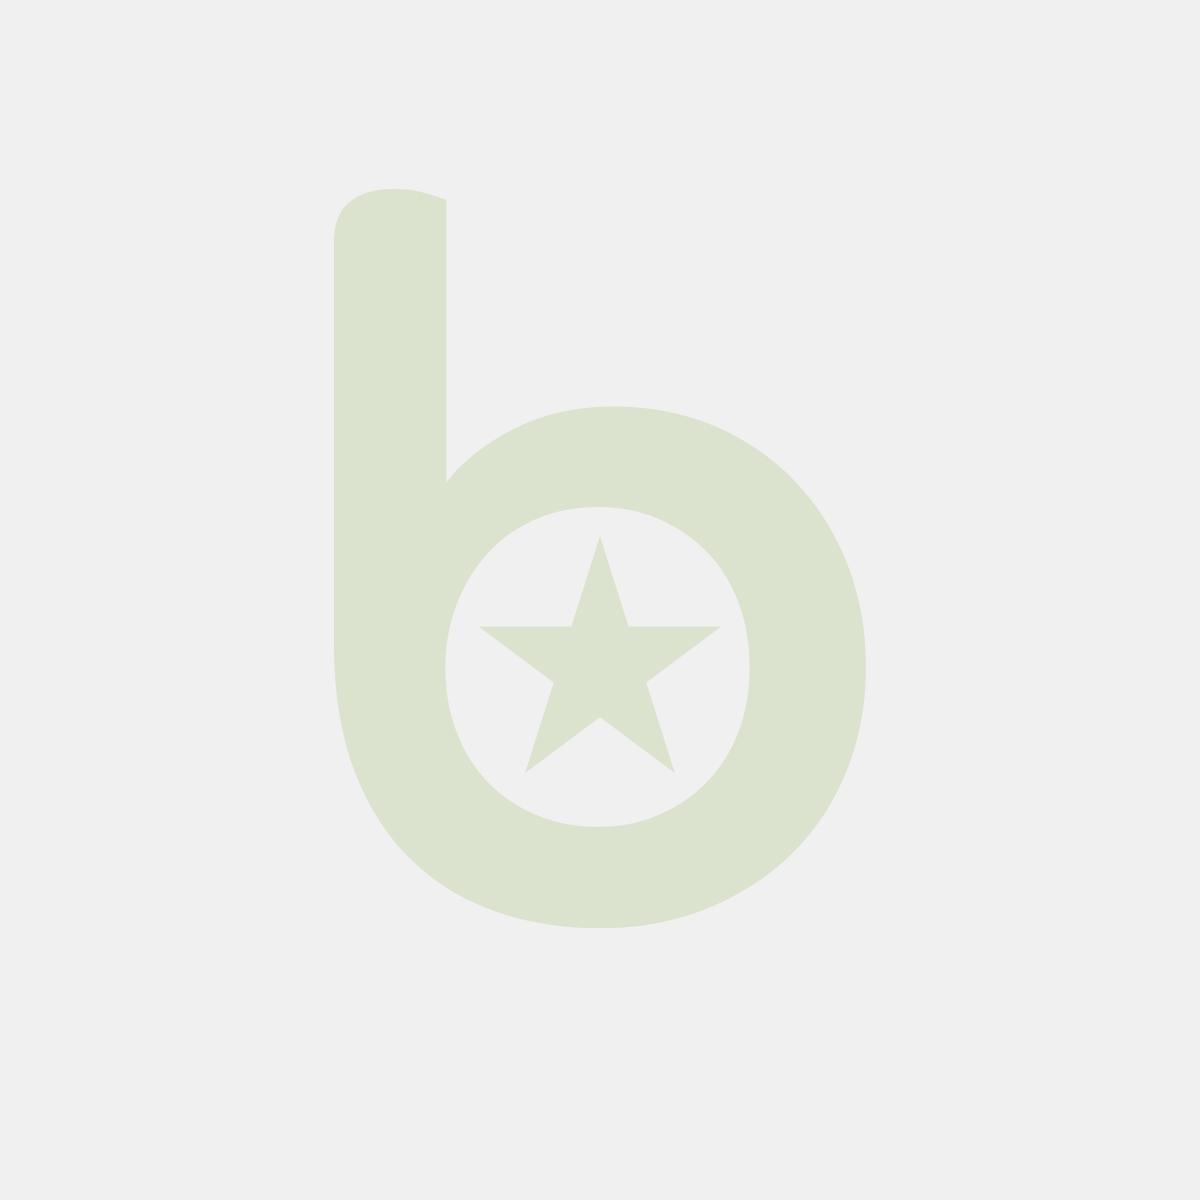 Samoprzylepne literki piankowe BAKER ROSS, 600szt., mix kolorów